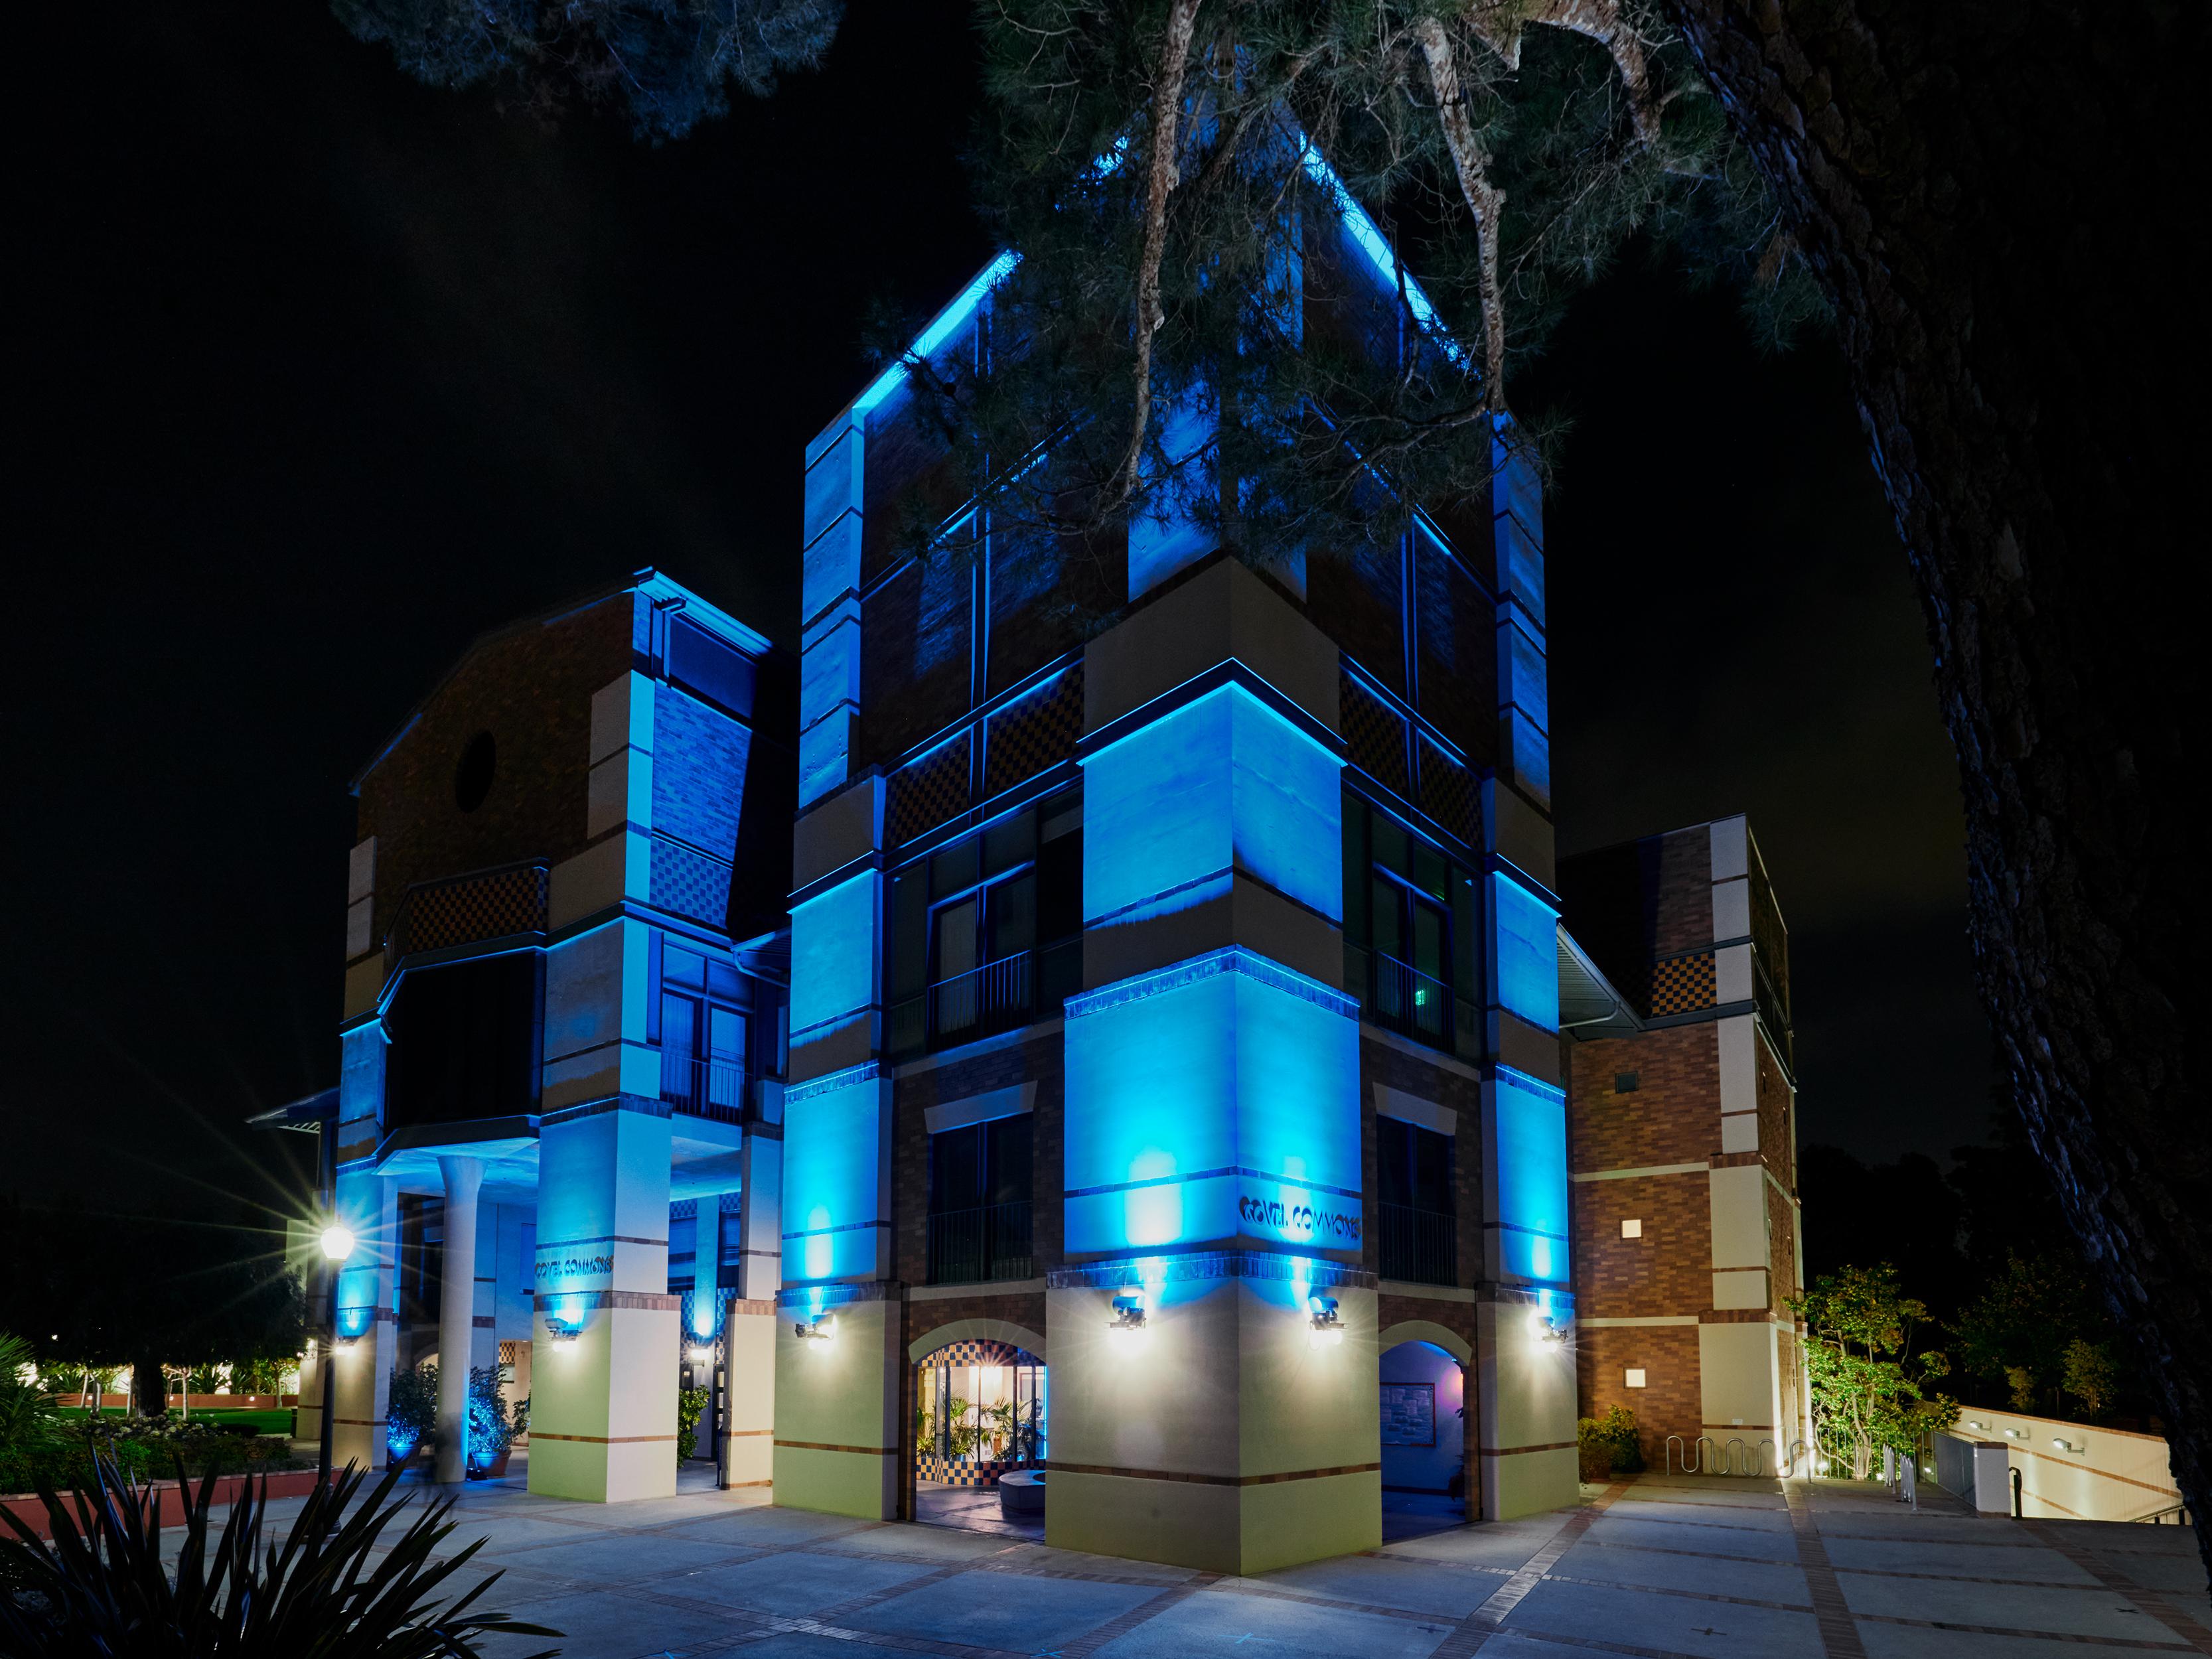 Covel Commons awash in blue light.